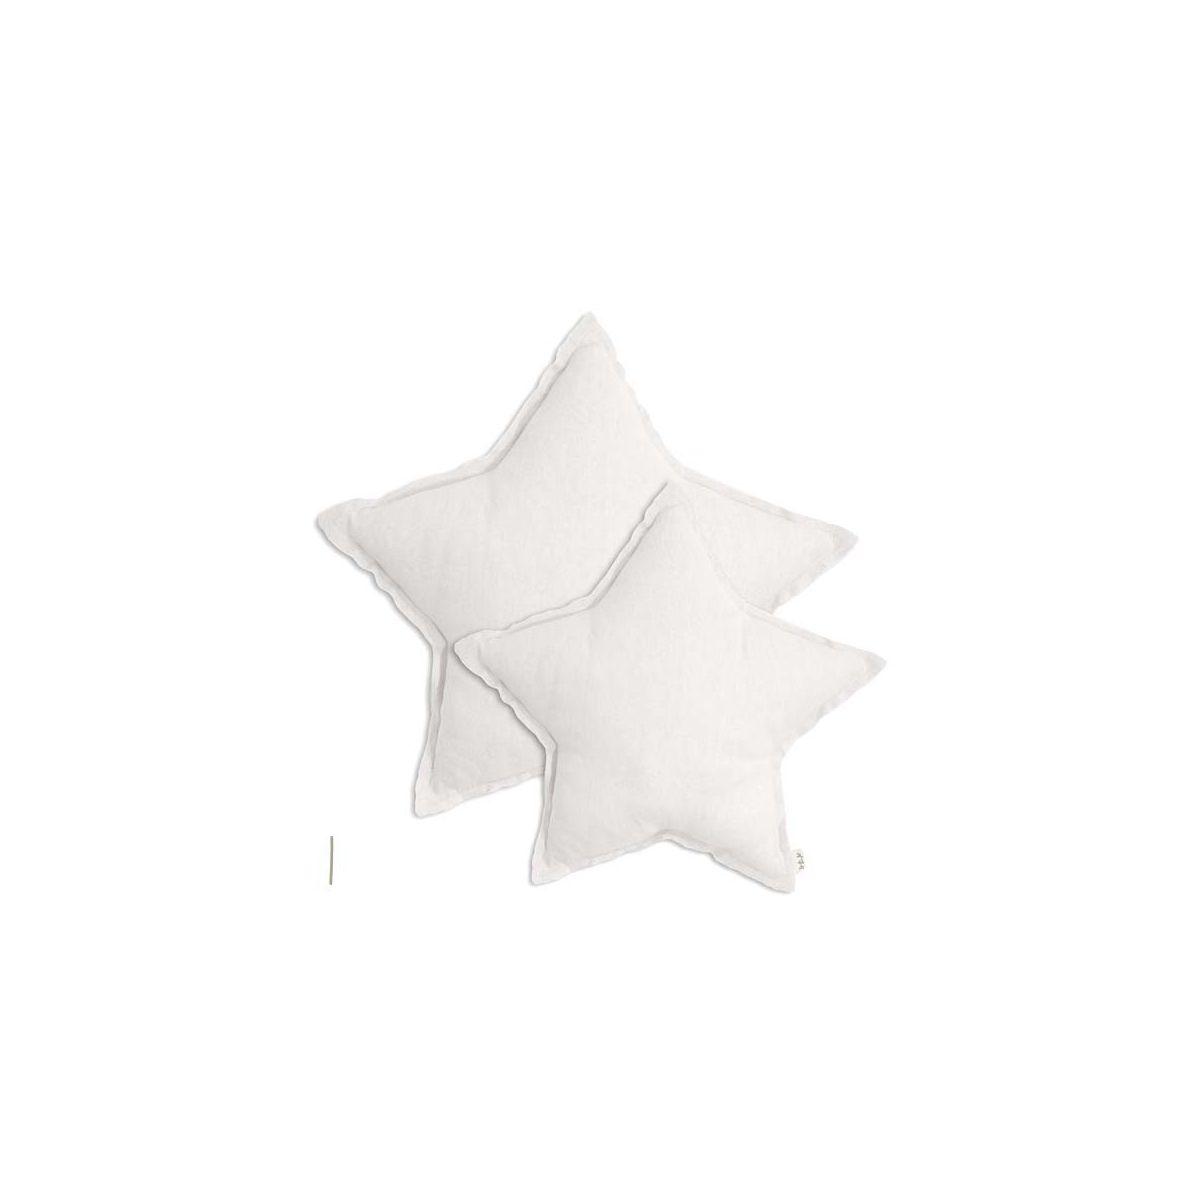 Poduszka gwiazda Star cushion white biała - Numero 74